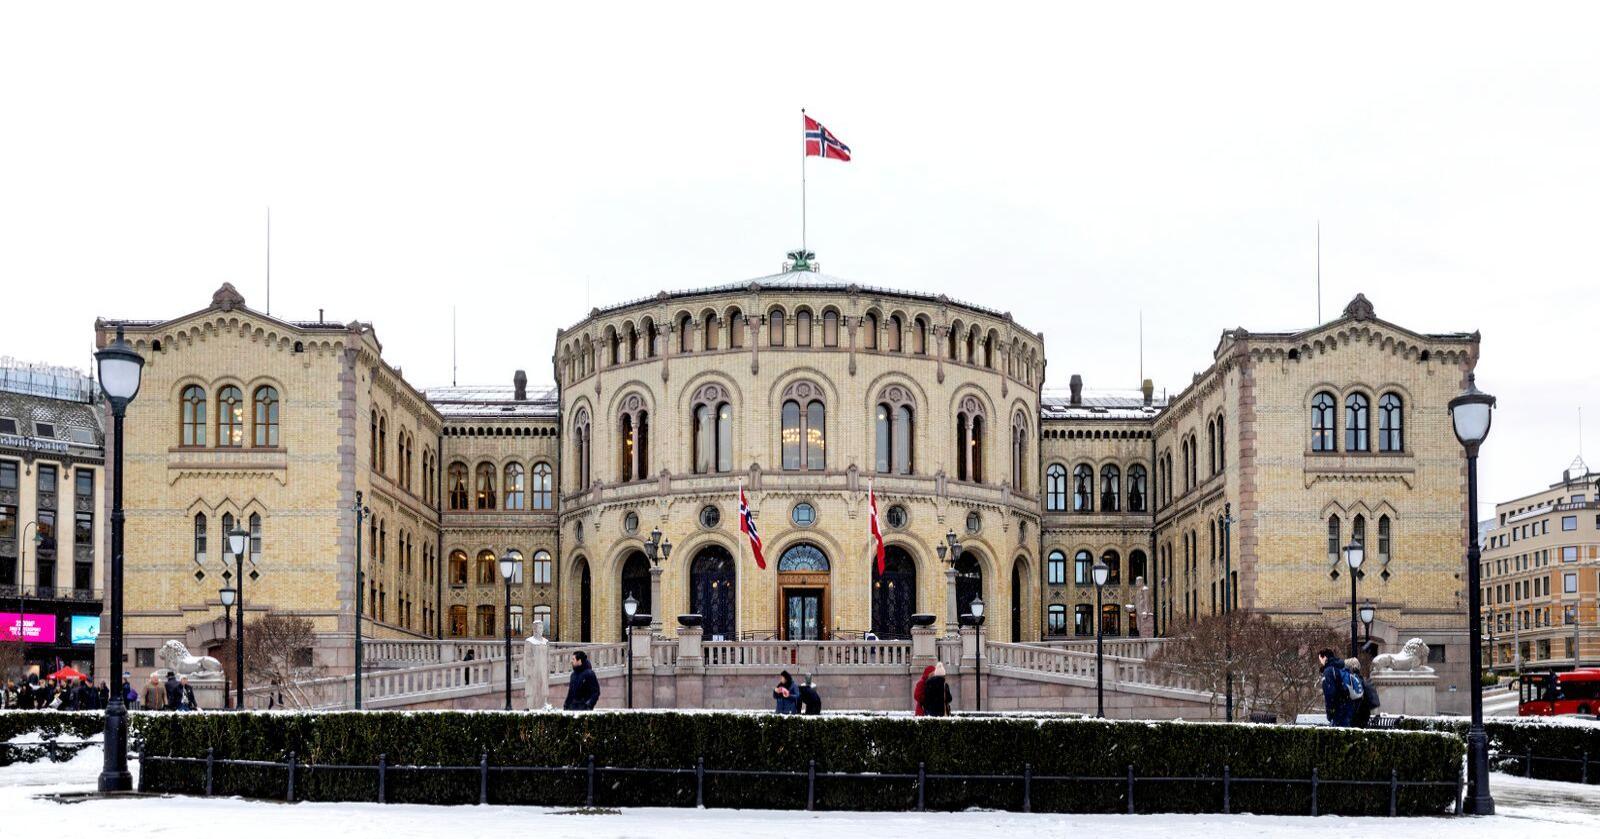 Stortinget skal i vår behandle tre nye EU-forordninger som skal sikre at Norge ikke engang har en teoretisk mulighet til å styre flyten over kablene. Dette er konsekvensene av tilknytningen til EUs energipolitikk, skriver Nei til EU-leder Kathrine Kleveland. Foto: Gorm Kallestad / NTB scanpix